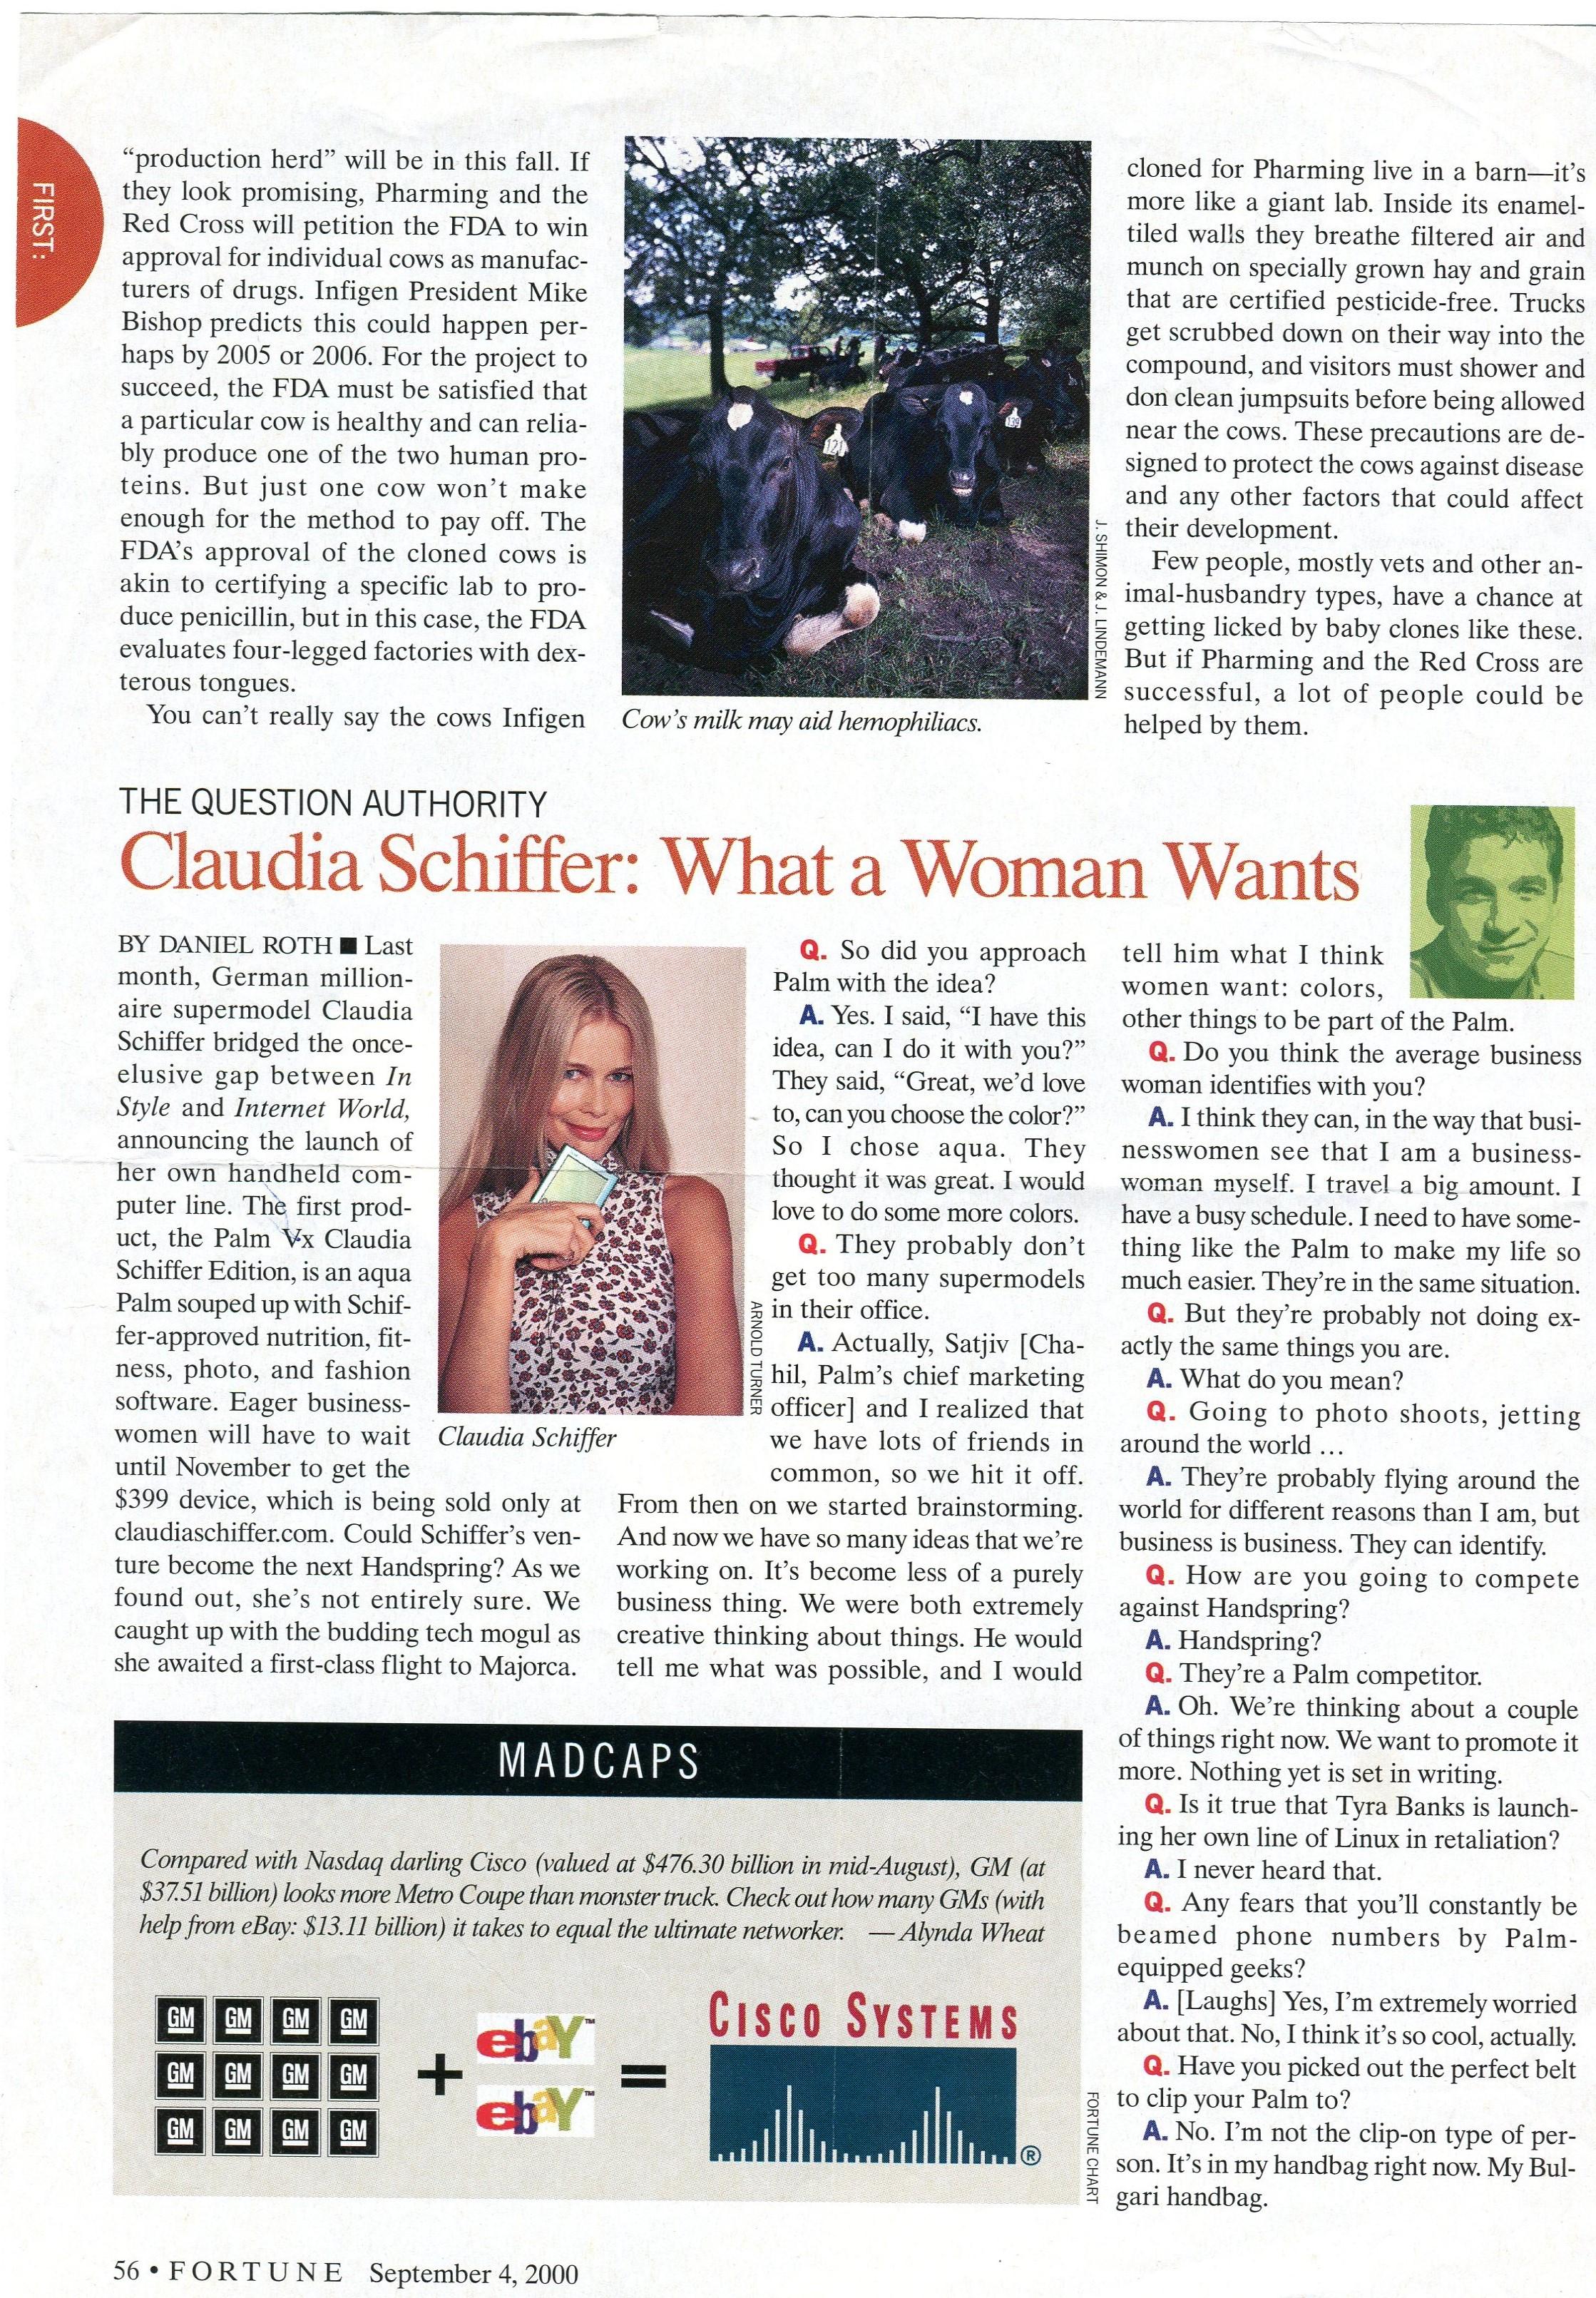 (2000) Fortune Claudia Schiffer